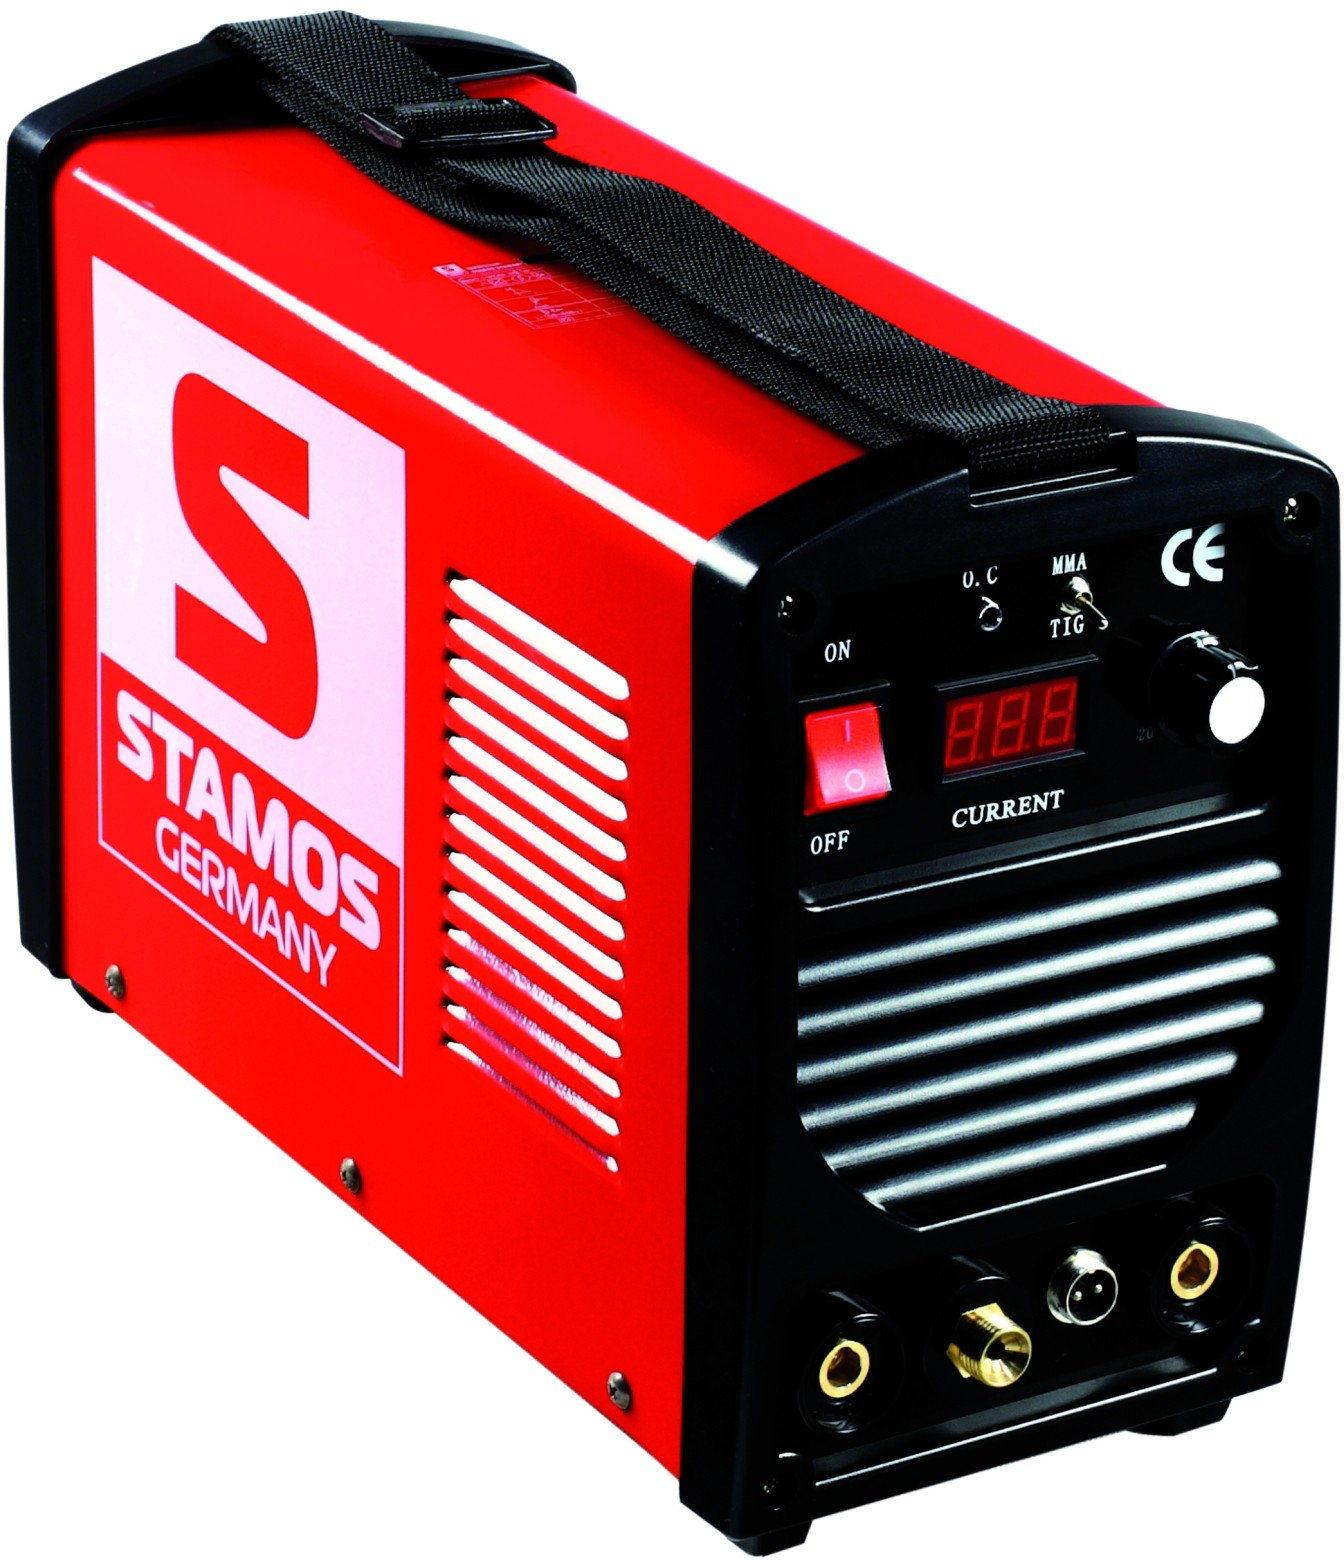 Spawarka TIG - 250 A - 230 V - przenośna - PLUS maska spawalnicza - Firestarter 500 - Advanced - Stamos Basic - S-WIGMA 250 - 3 lata gwarancji/wysyłka